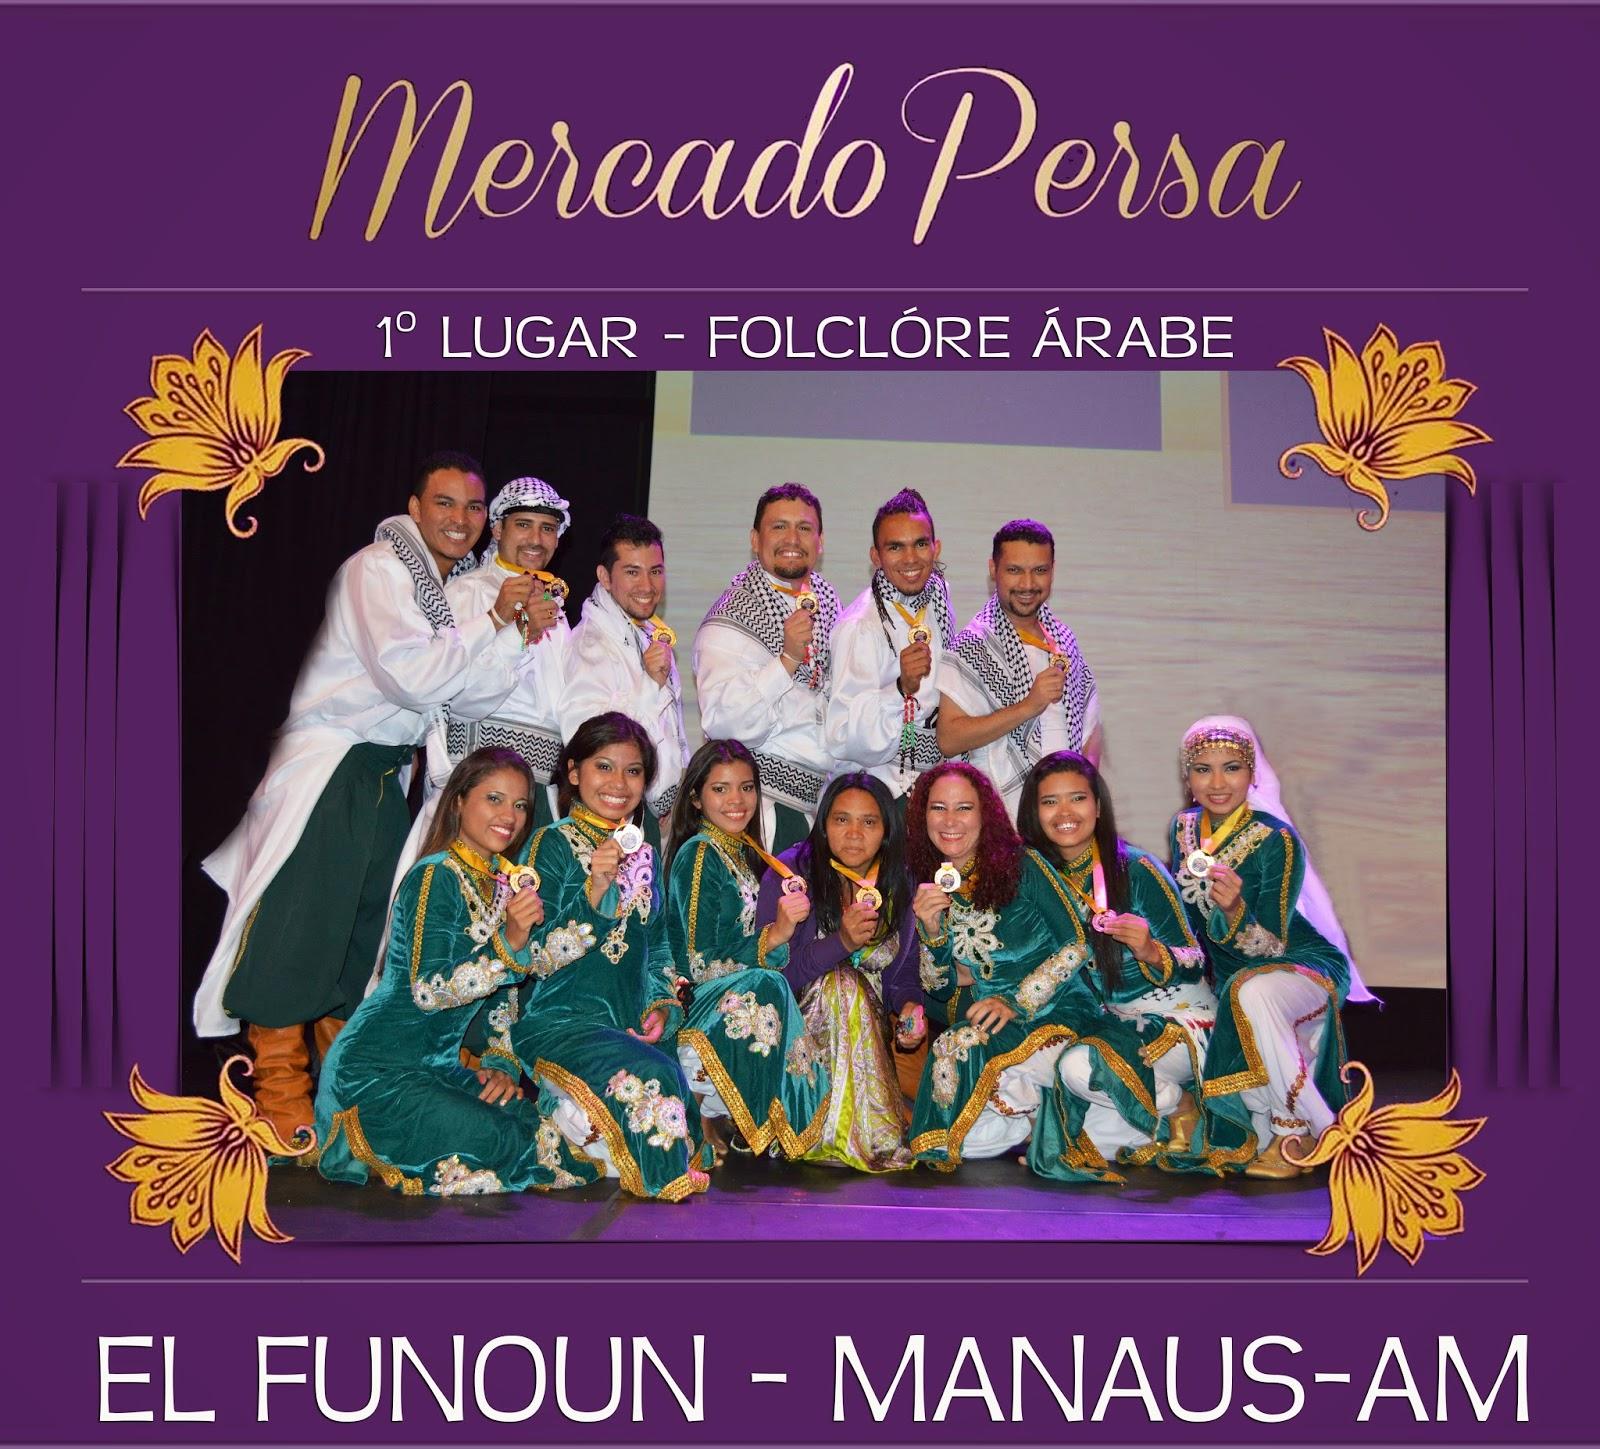 MERCADO PERSA 2014